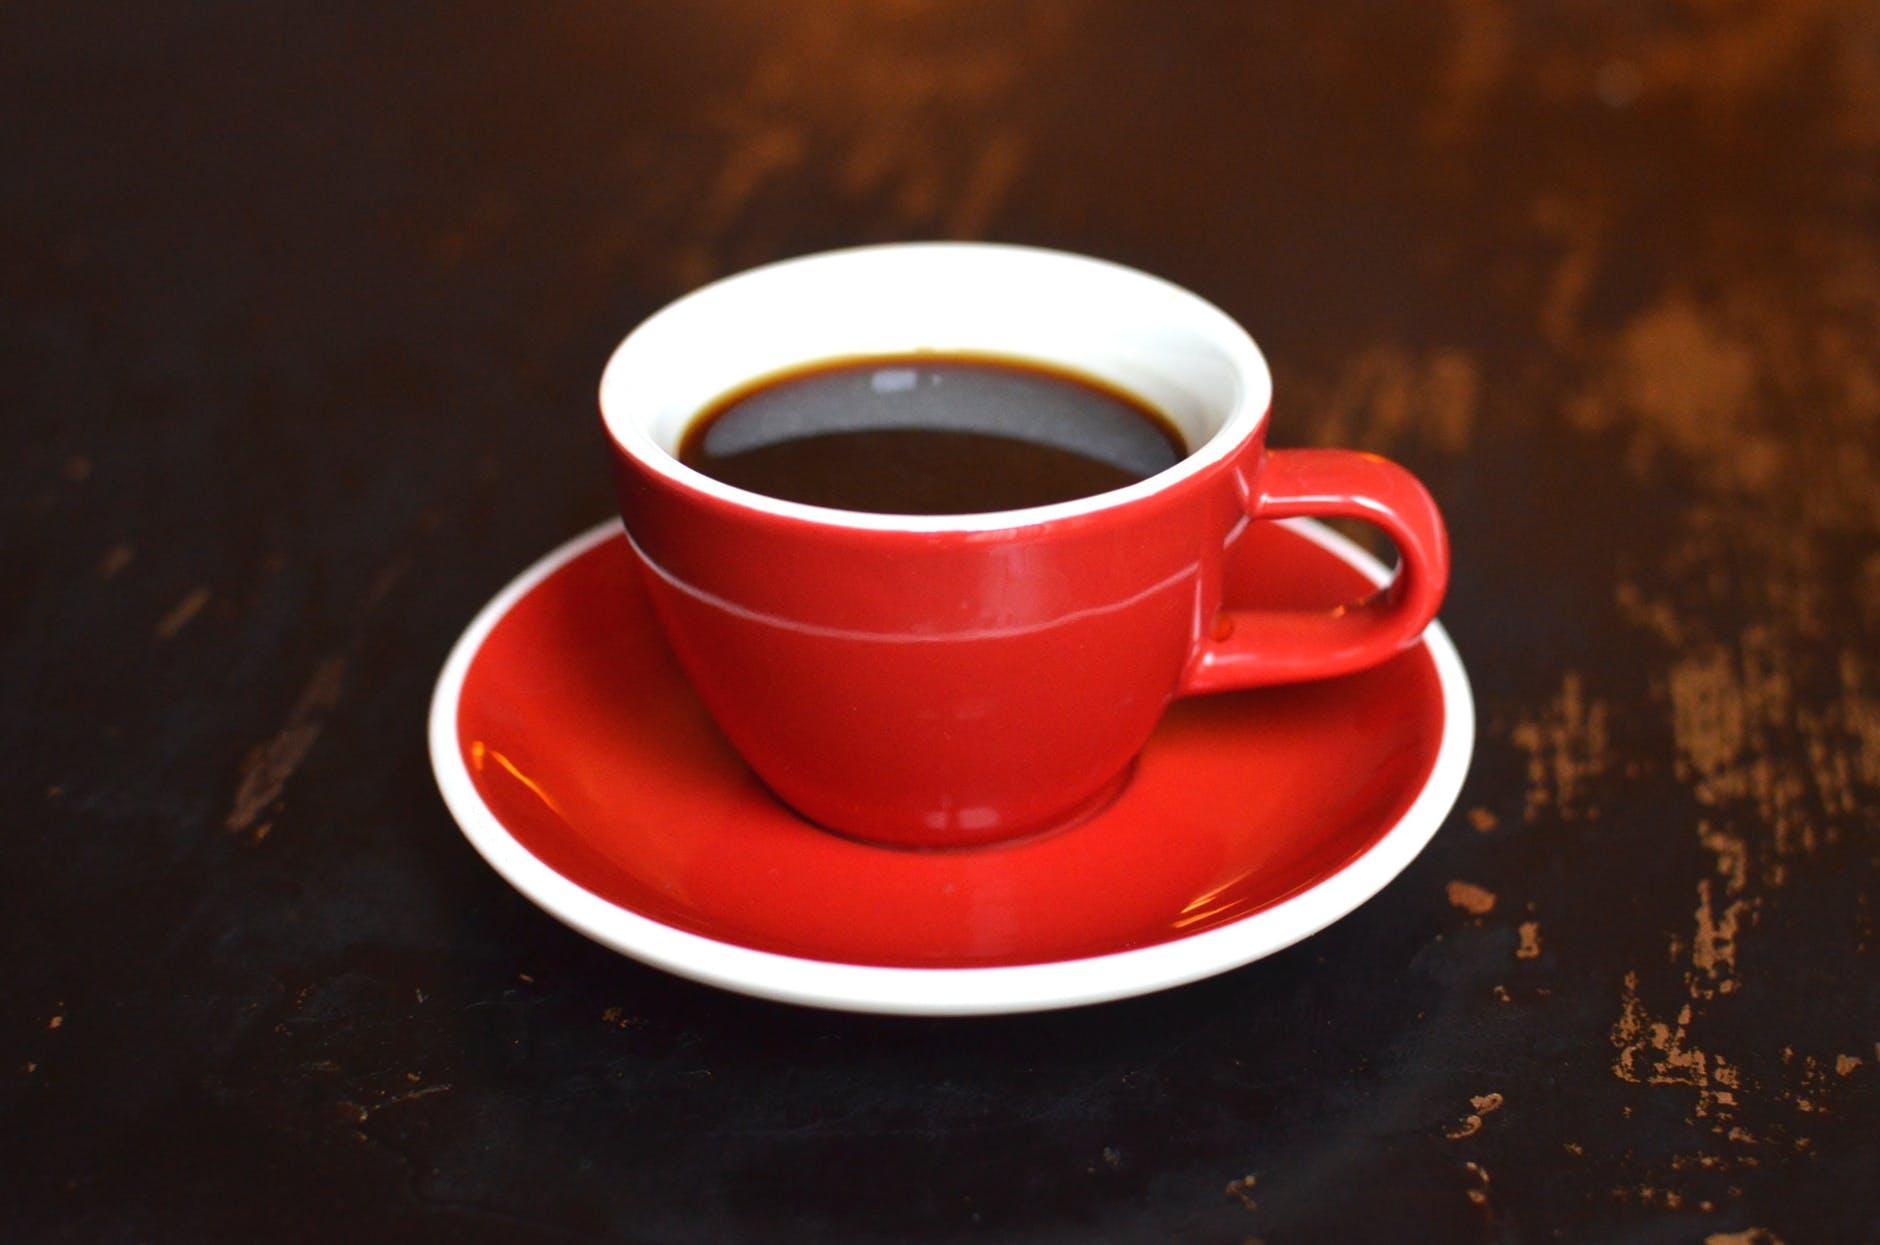 Ce se întâmplă dacă bei cafea seara? Studiul care demontează tot ce s-a știut până acum